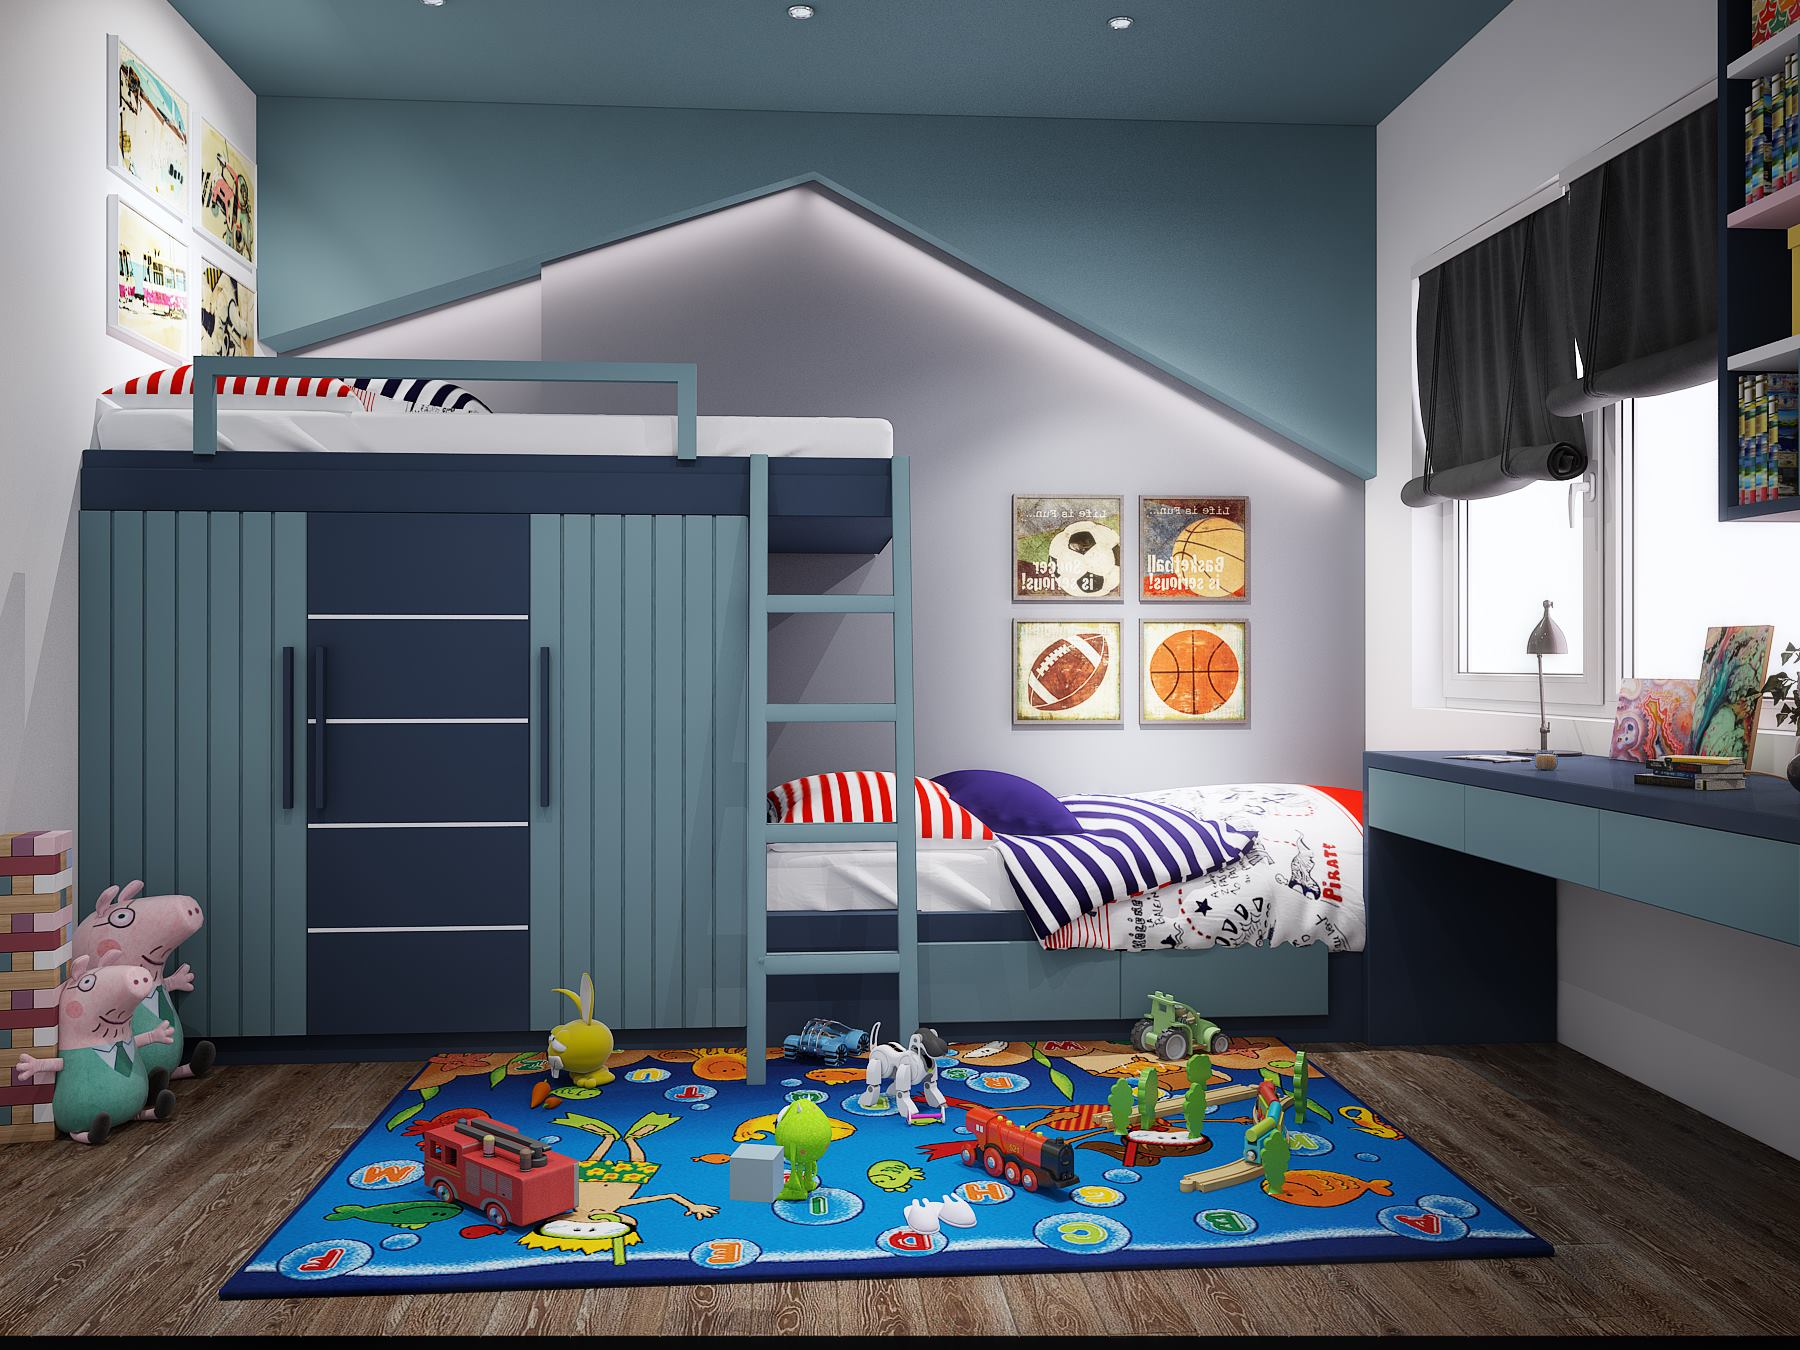 Mẫu giường tầng gam màu xanh biển được thiết kế như một ngôi nhà hiện đại với phần chóp mái nhà y như thật